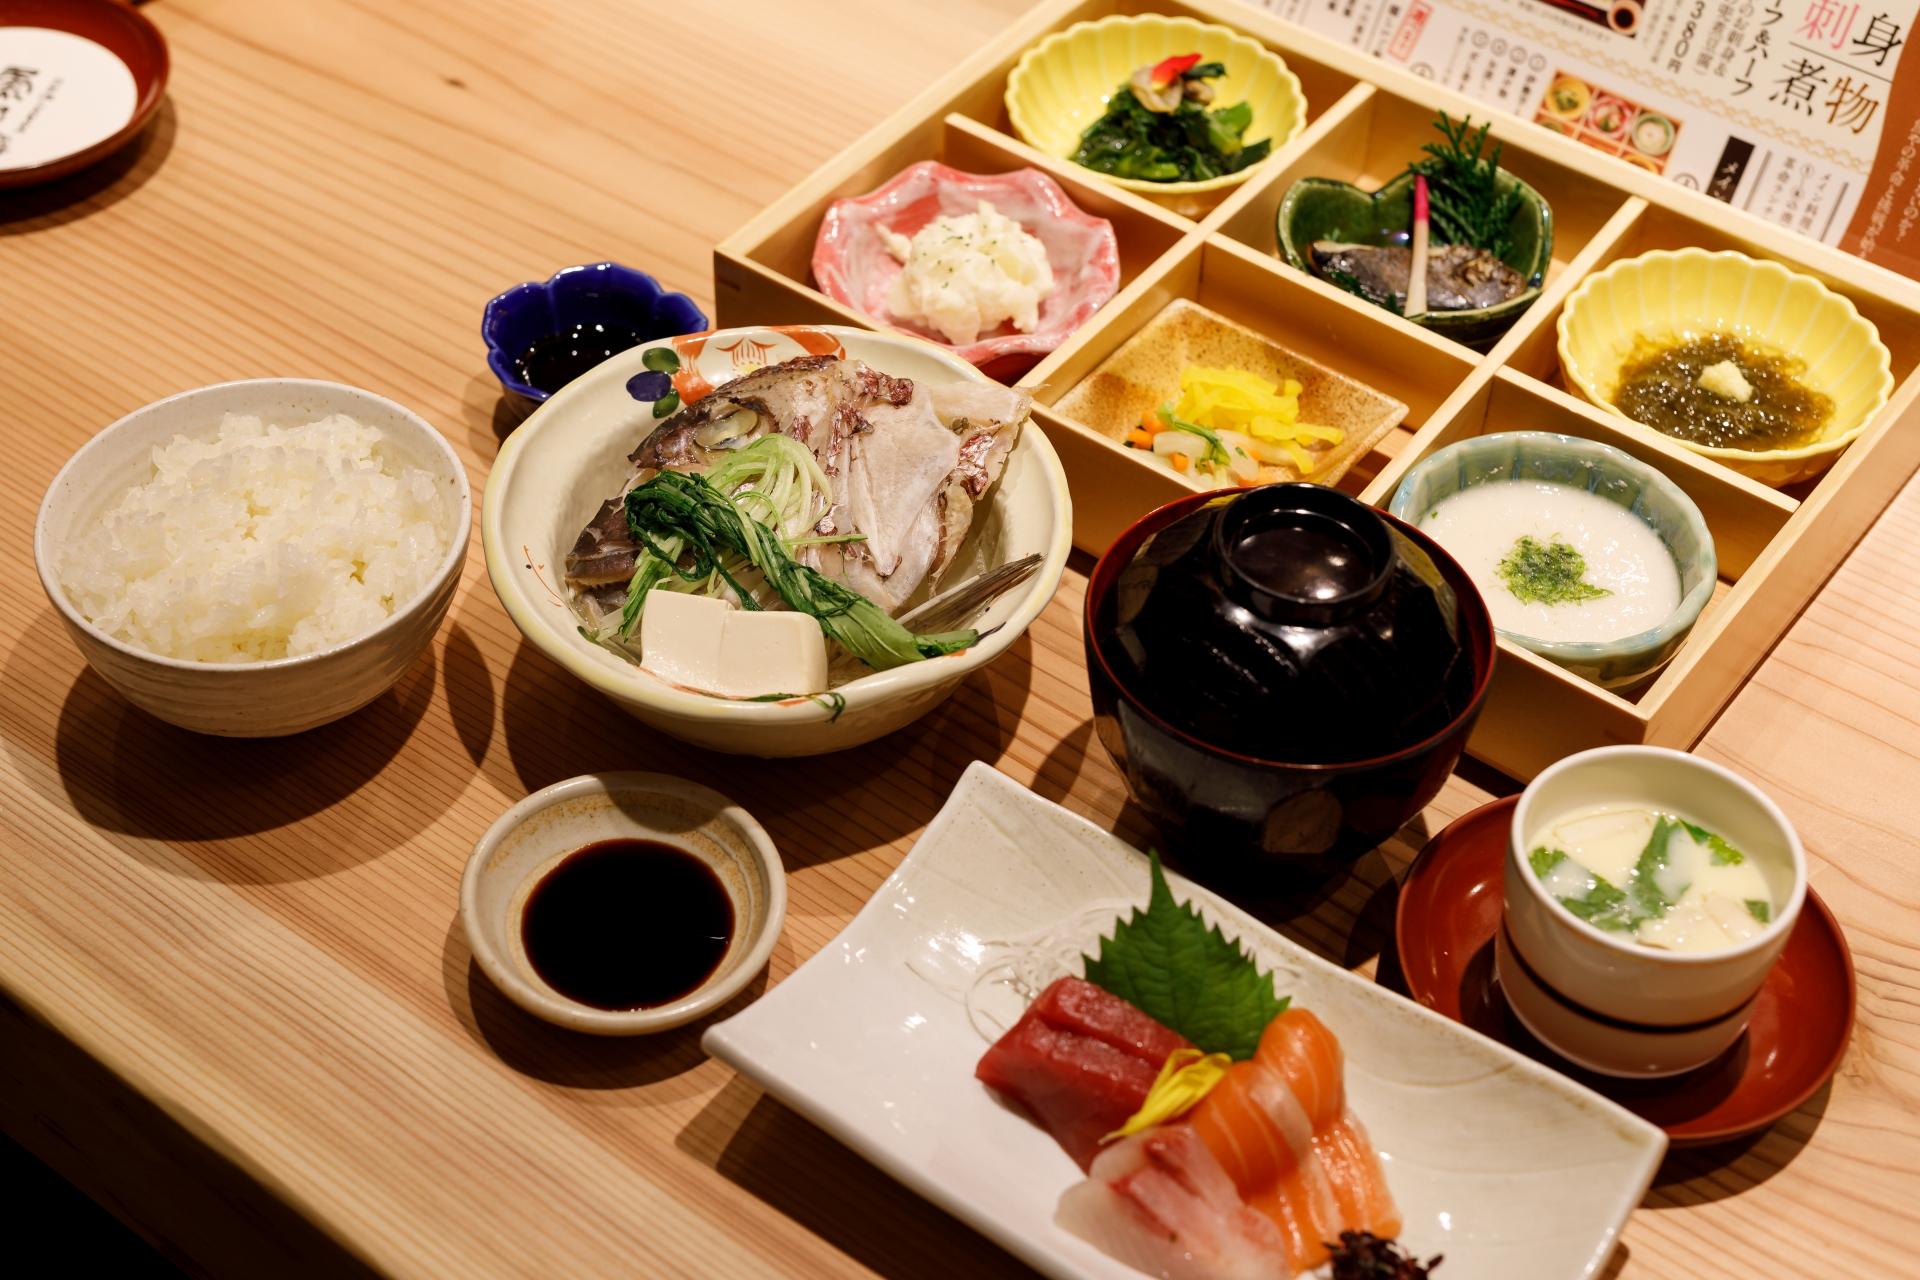 厳選和牛すき焼きをカジュアルに「月邸ト蕎⻨ SUKIYUNO」&絶品みえまぐろに舌鼓を打つ「日本酒とSAKANA 魚や」 - MG 2062